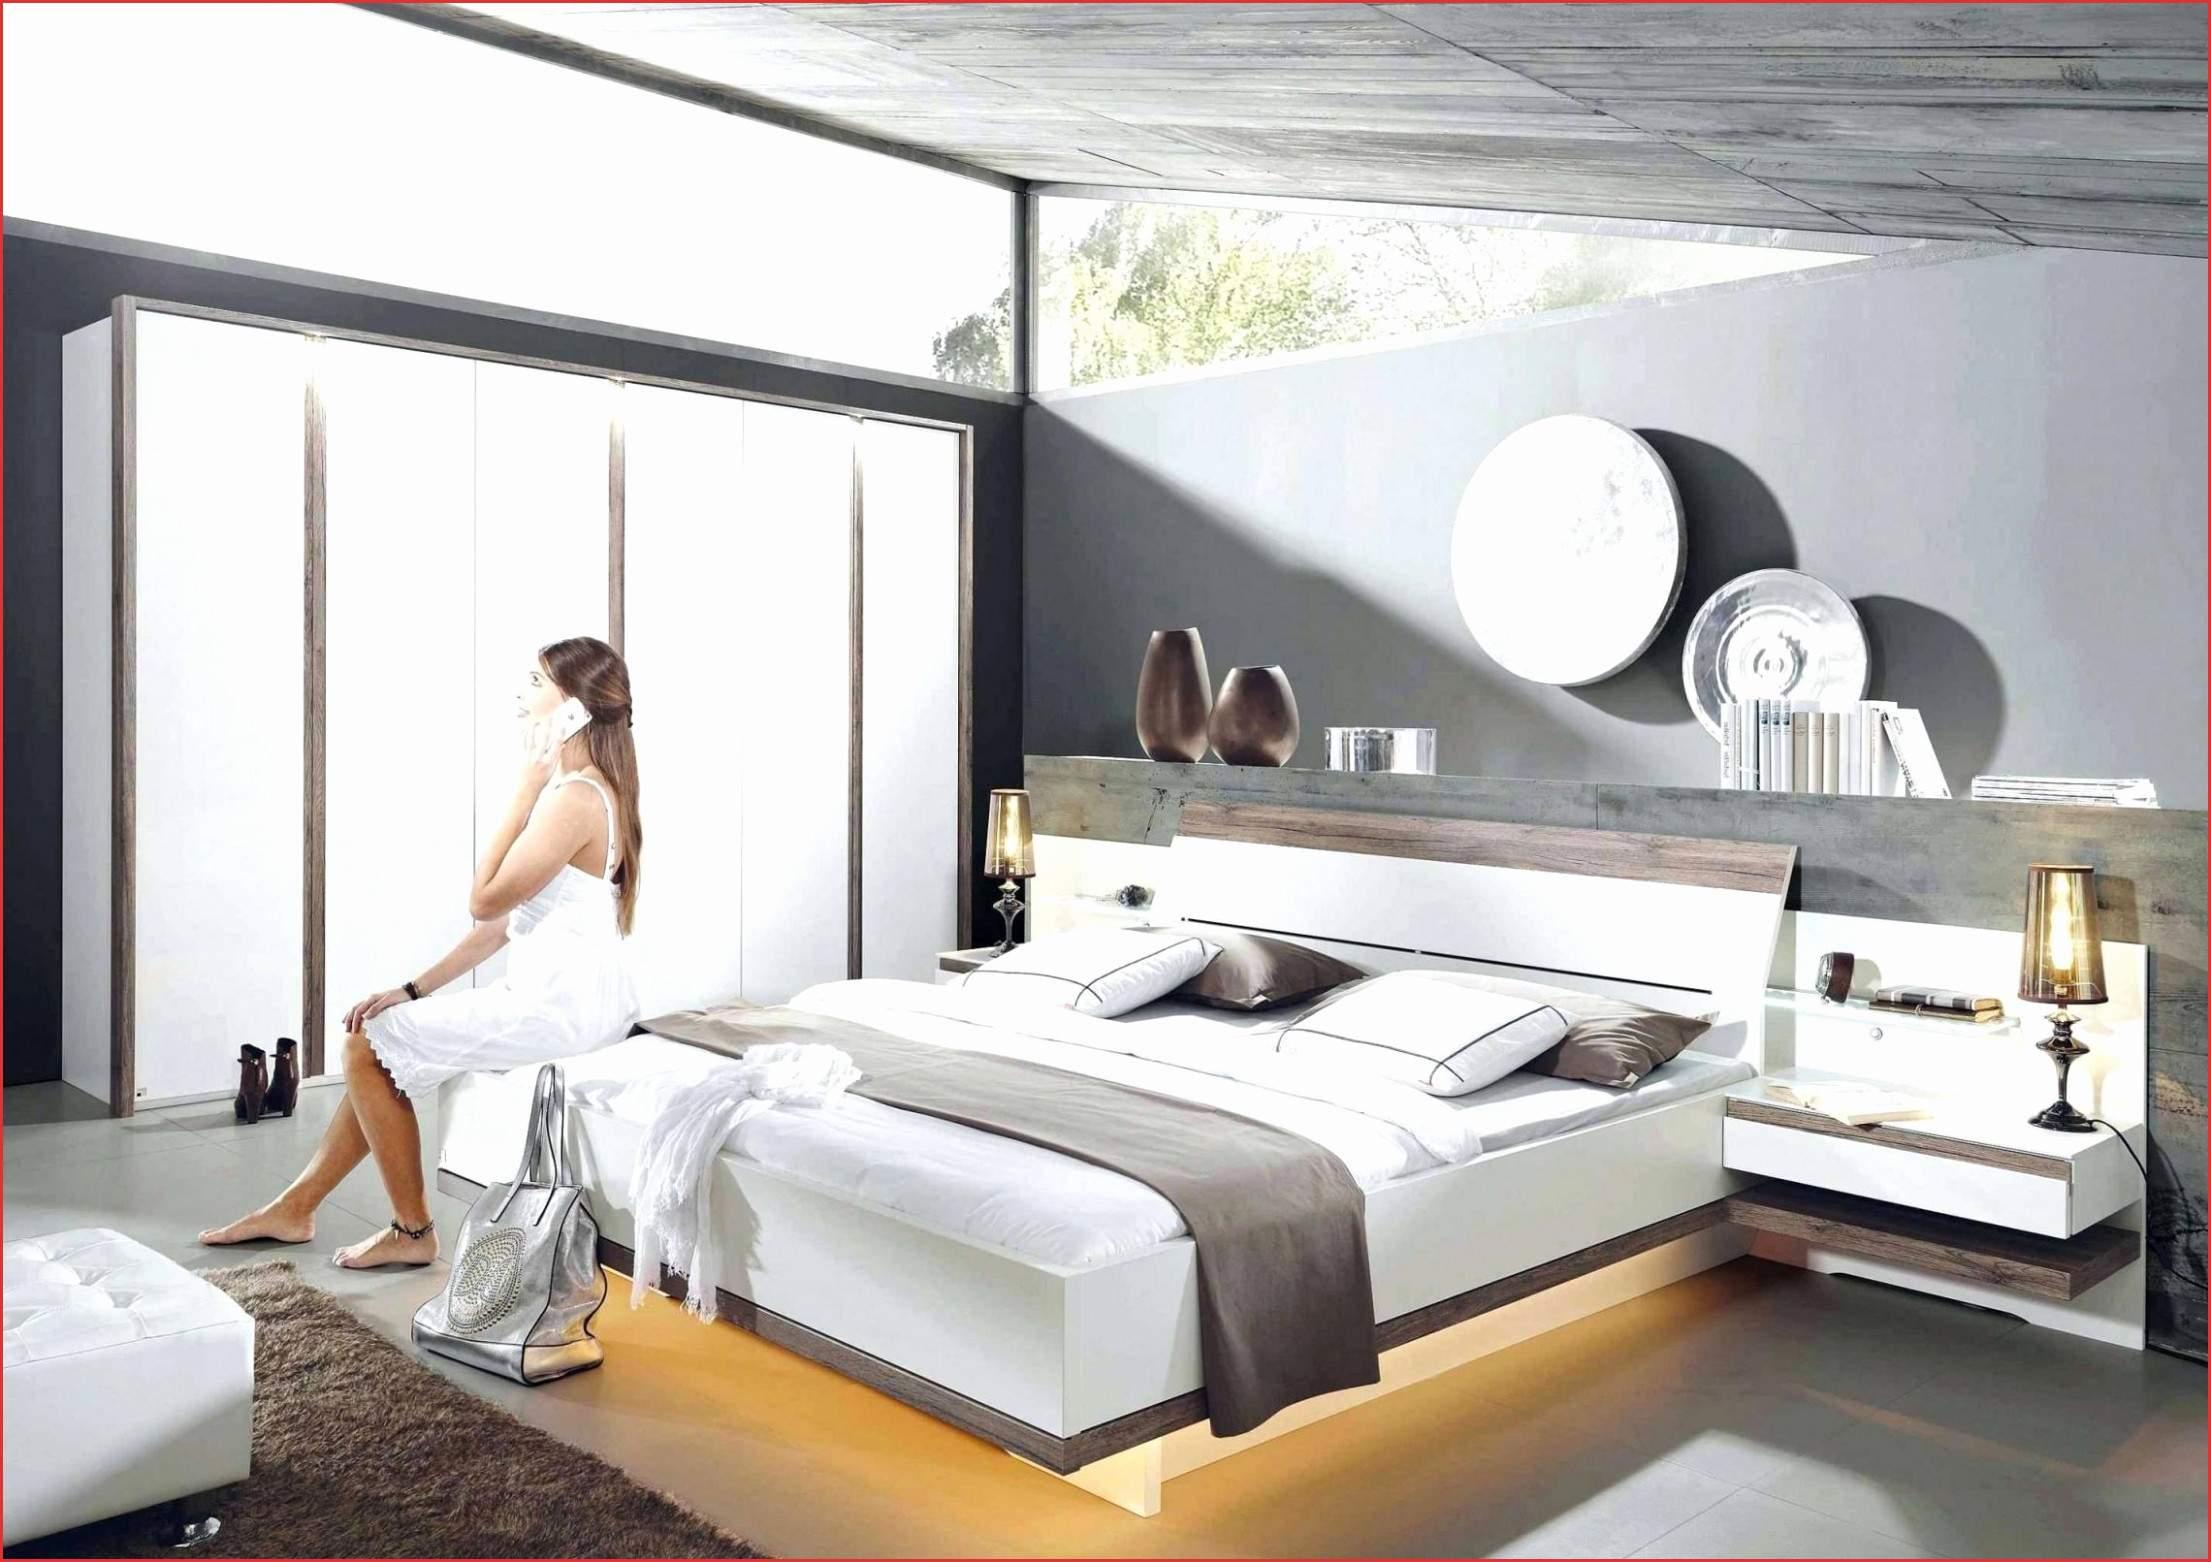 Full Size of Wandleuchte Wohnzimmer Einzigartig 29 Schn Schlafzimmer Fototapete Mit überbau Kommode Weiß Weißes Gardinen Für Set Matratze Und Lattenrost Deckenleuchte Wohnzimmer Schlafzimmer Wandlampen